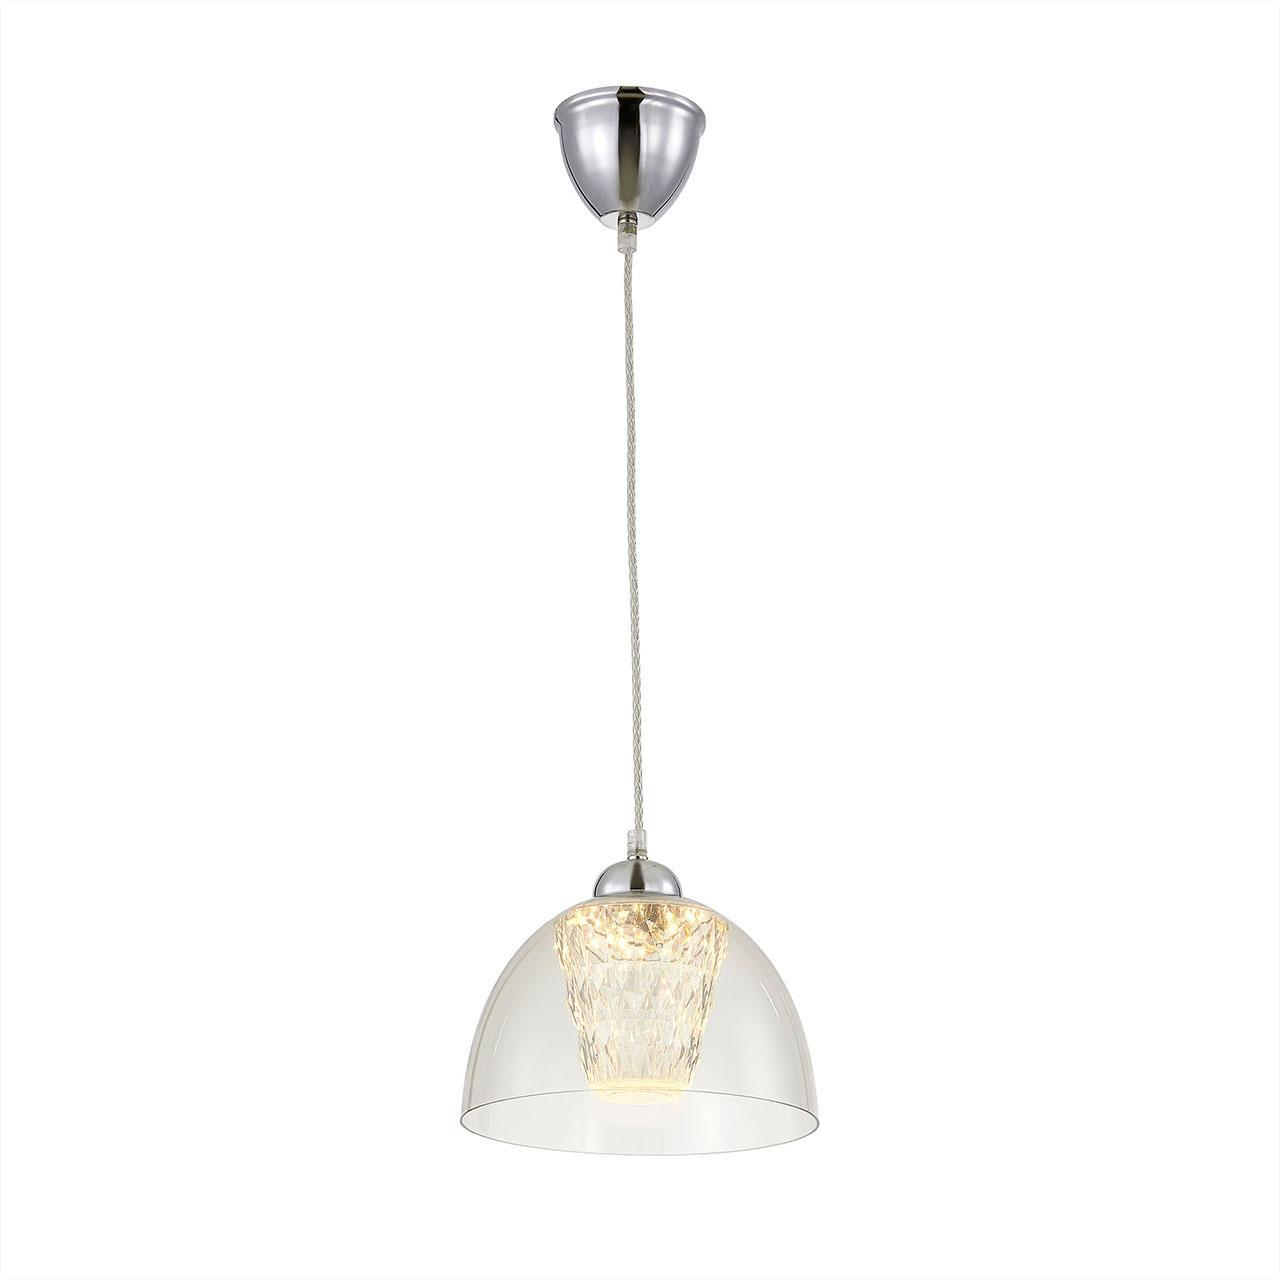 Подвесной светодиодный светильник Citilux Топаз CL717111 citilux подвесной светильник citilux топаз cl717111